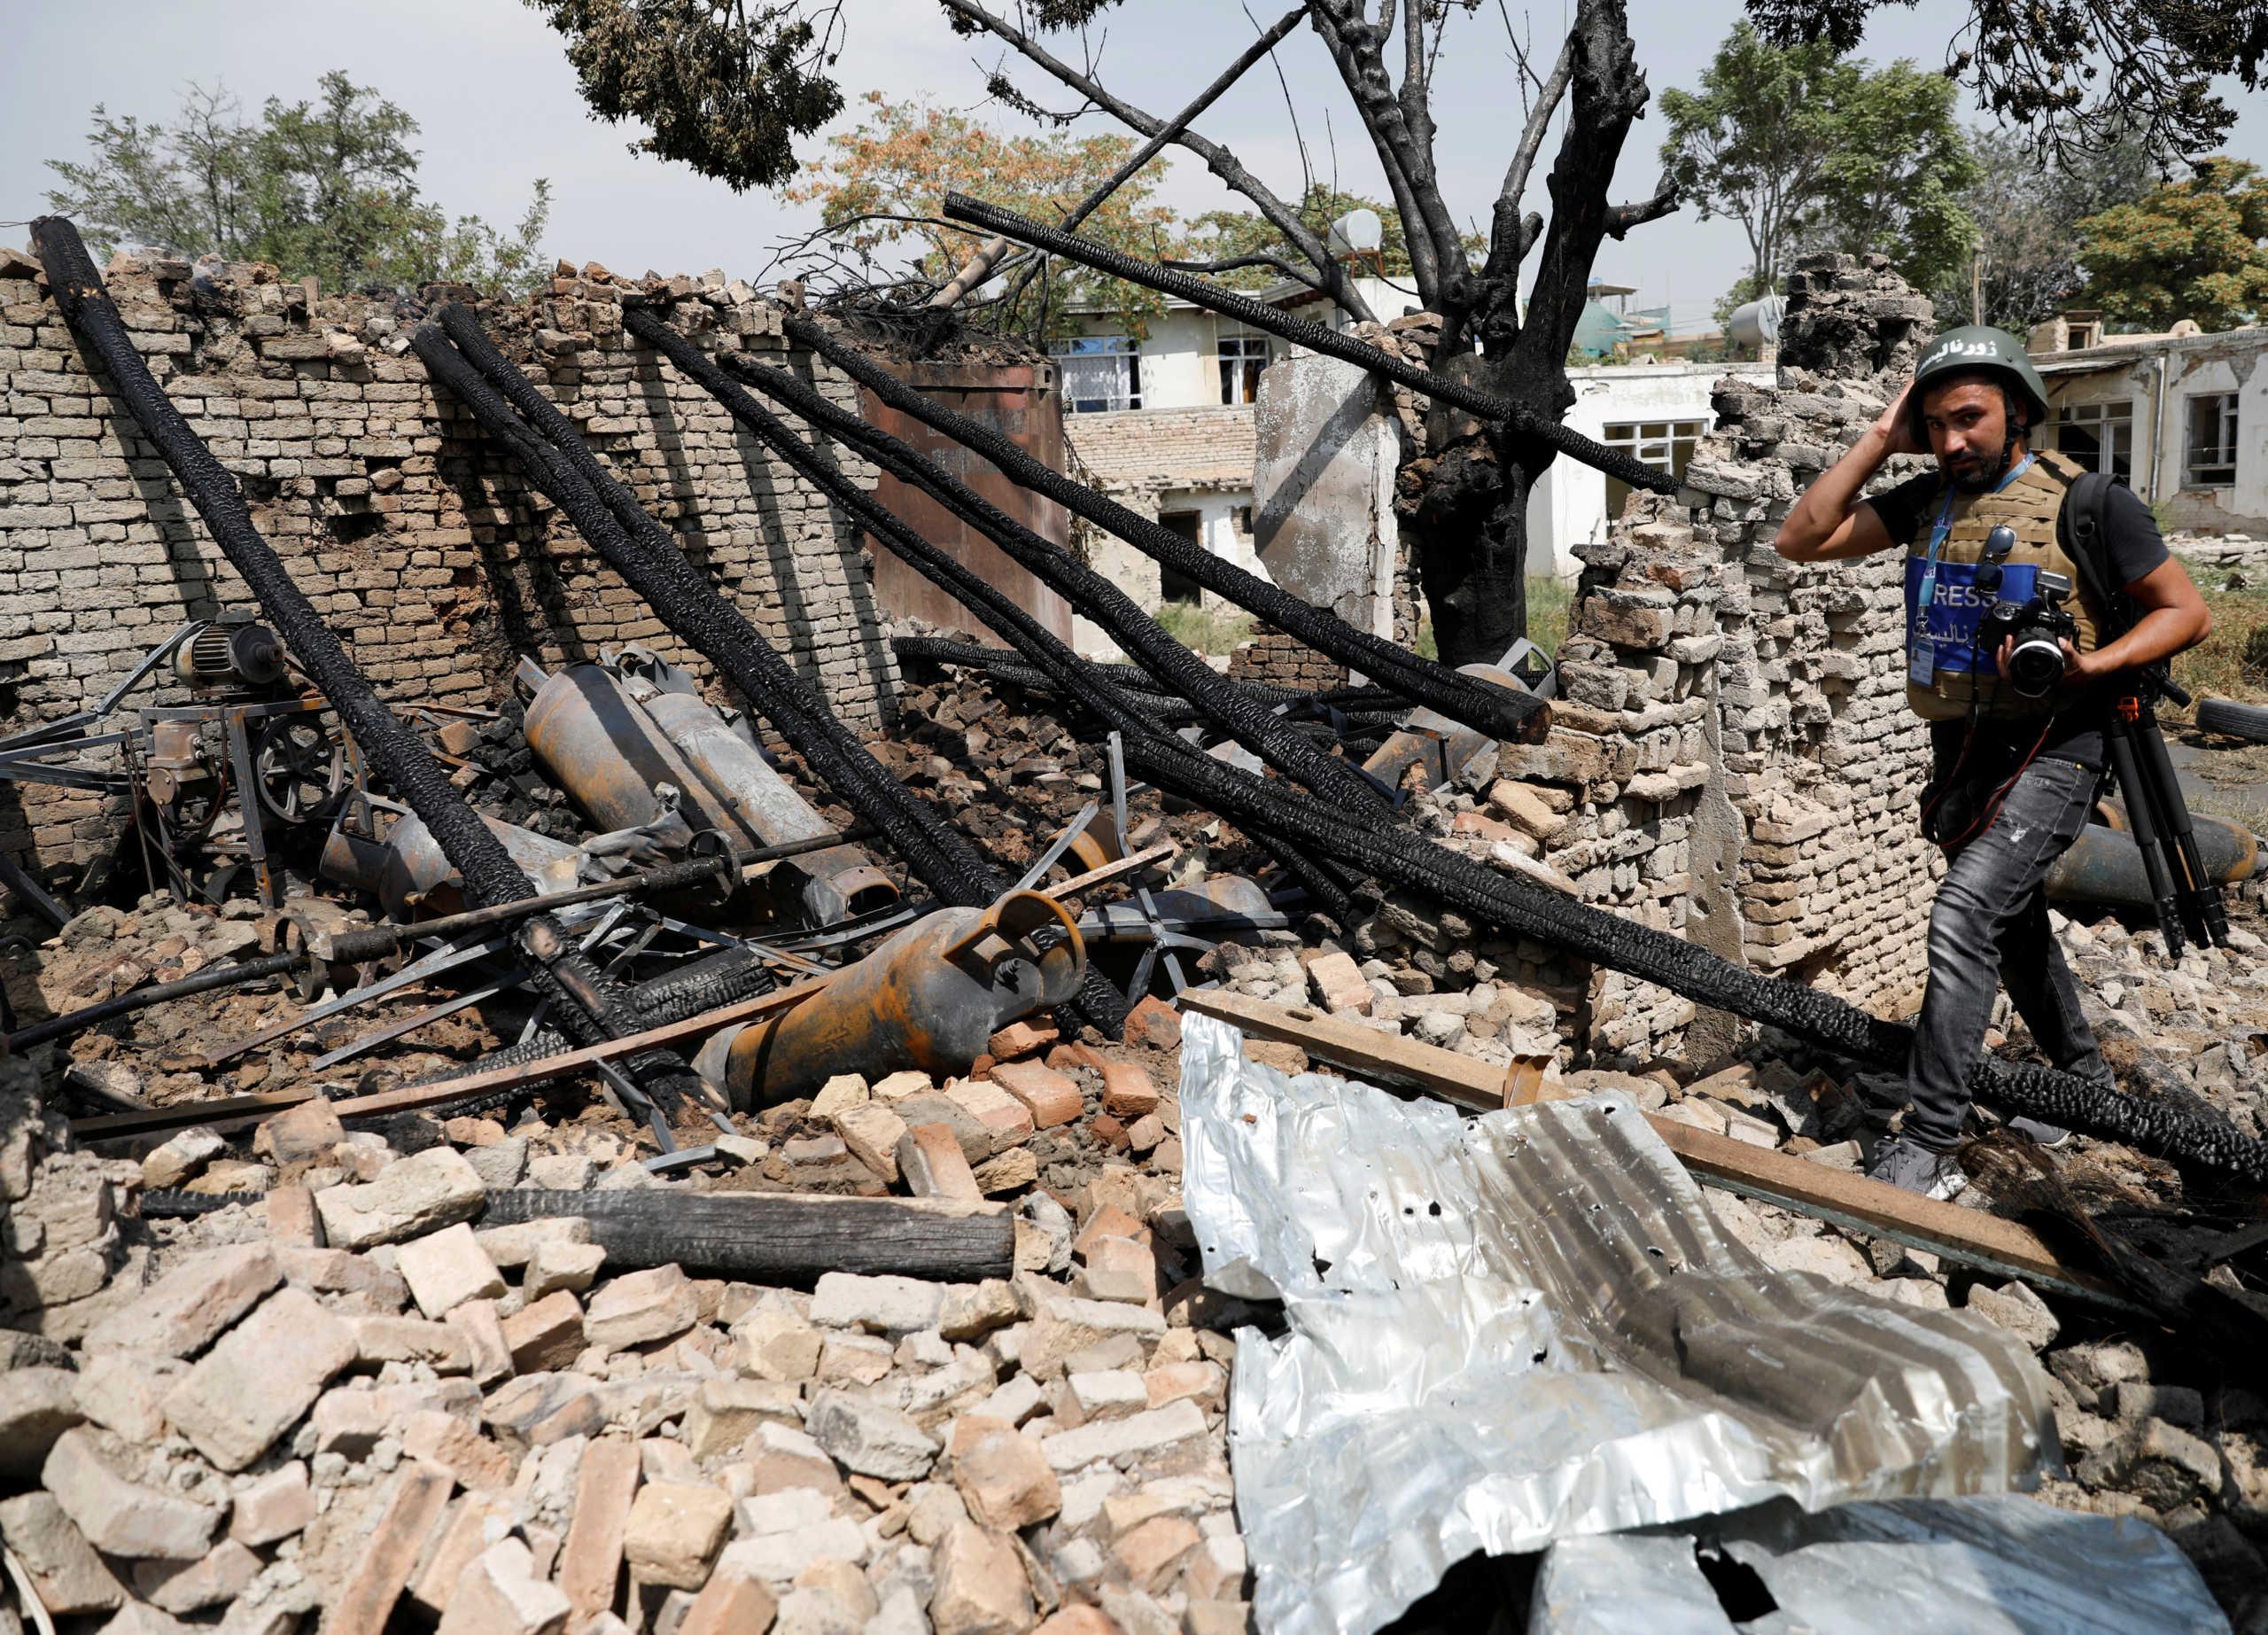 Αφγανιστάν: 480 άμαχοι νεκροί από επιθέσεις Ταλιμπάν το τελευταίο τρίμηνο